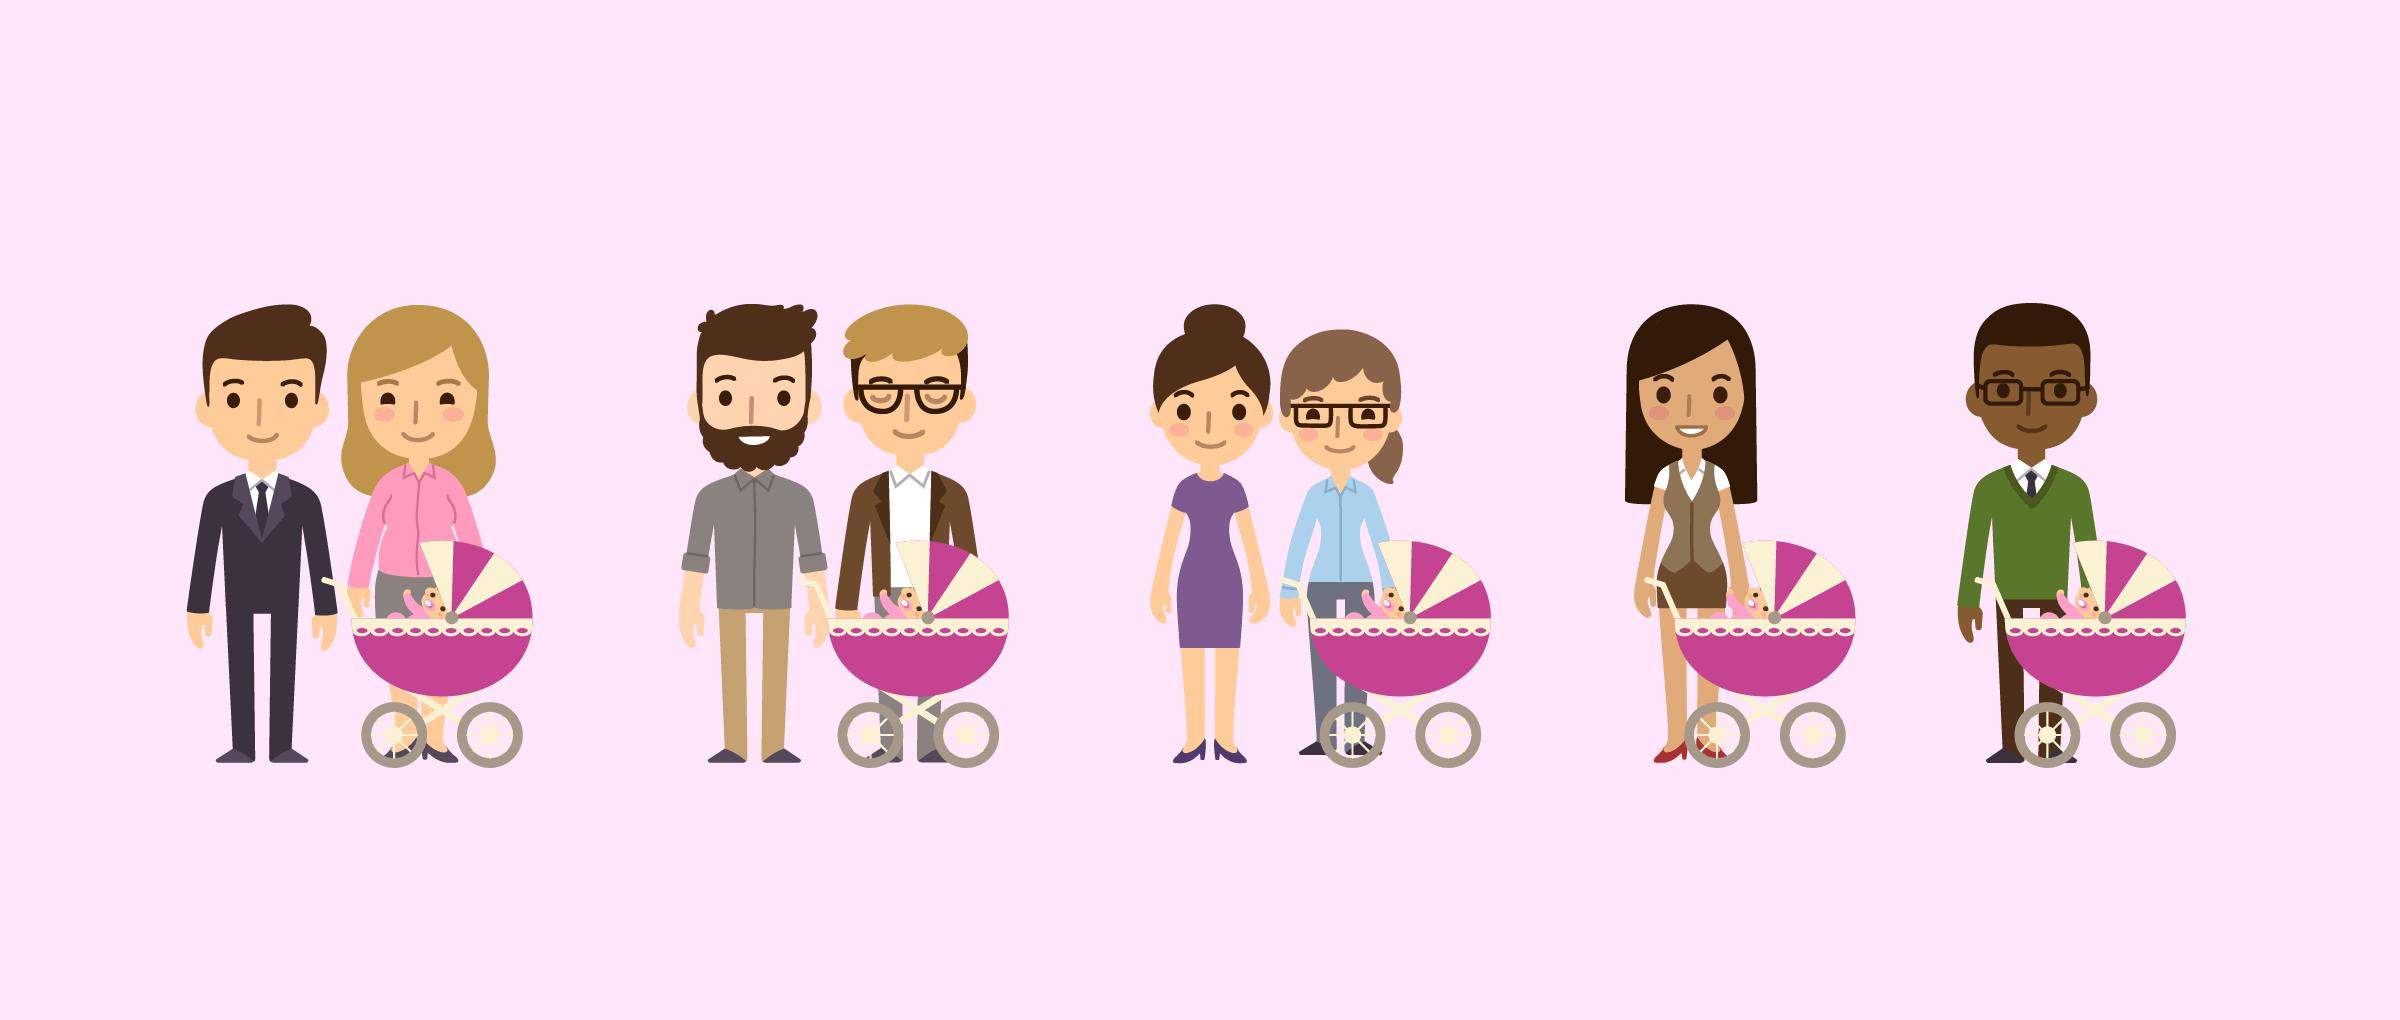 Menschen, die Eltern durch Leihmutterschaft werden können